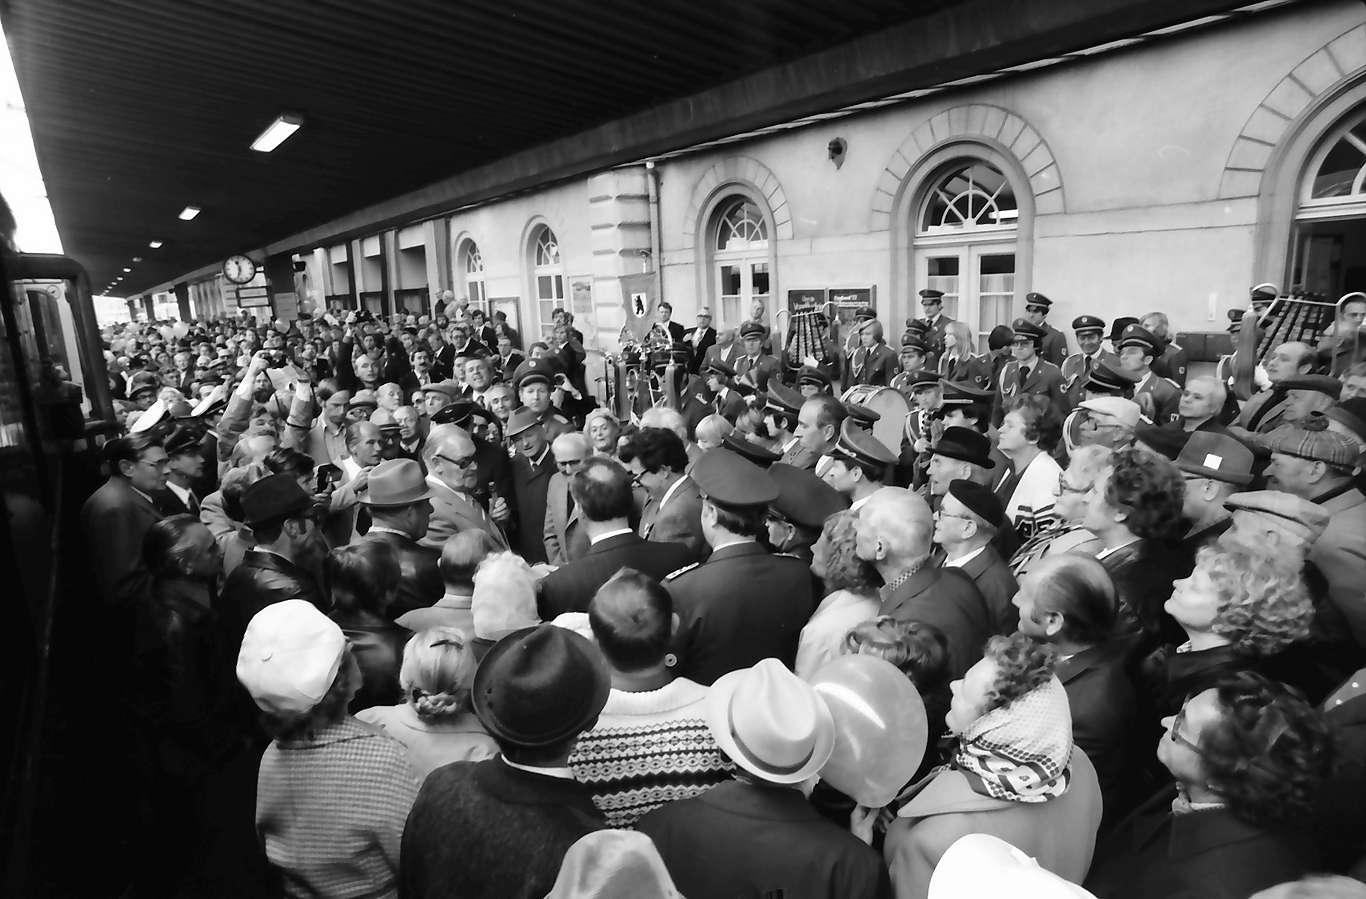 Singen: Empfang im Bahnhof, Bild 1